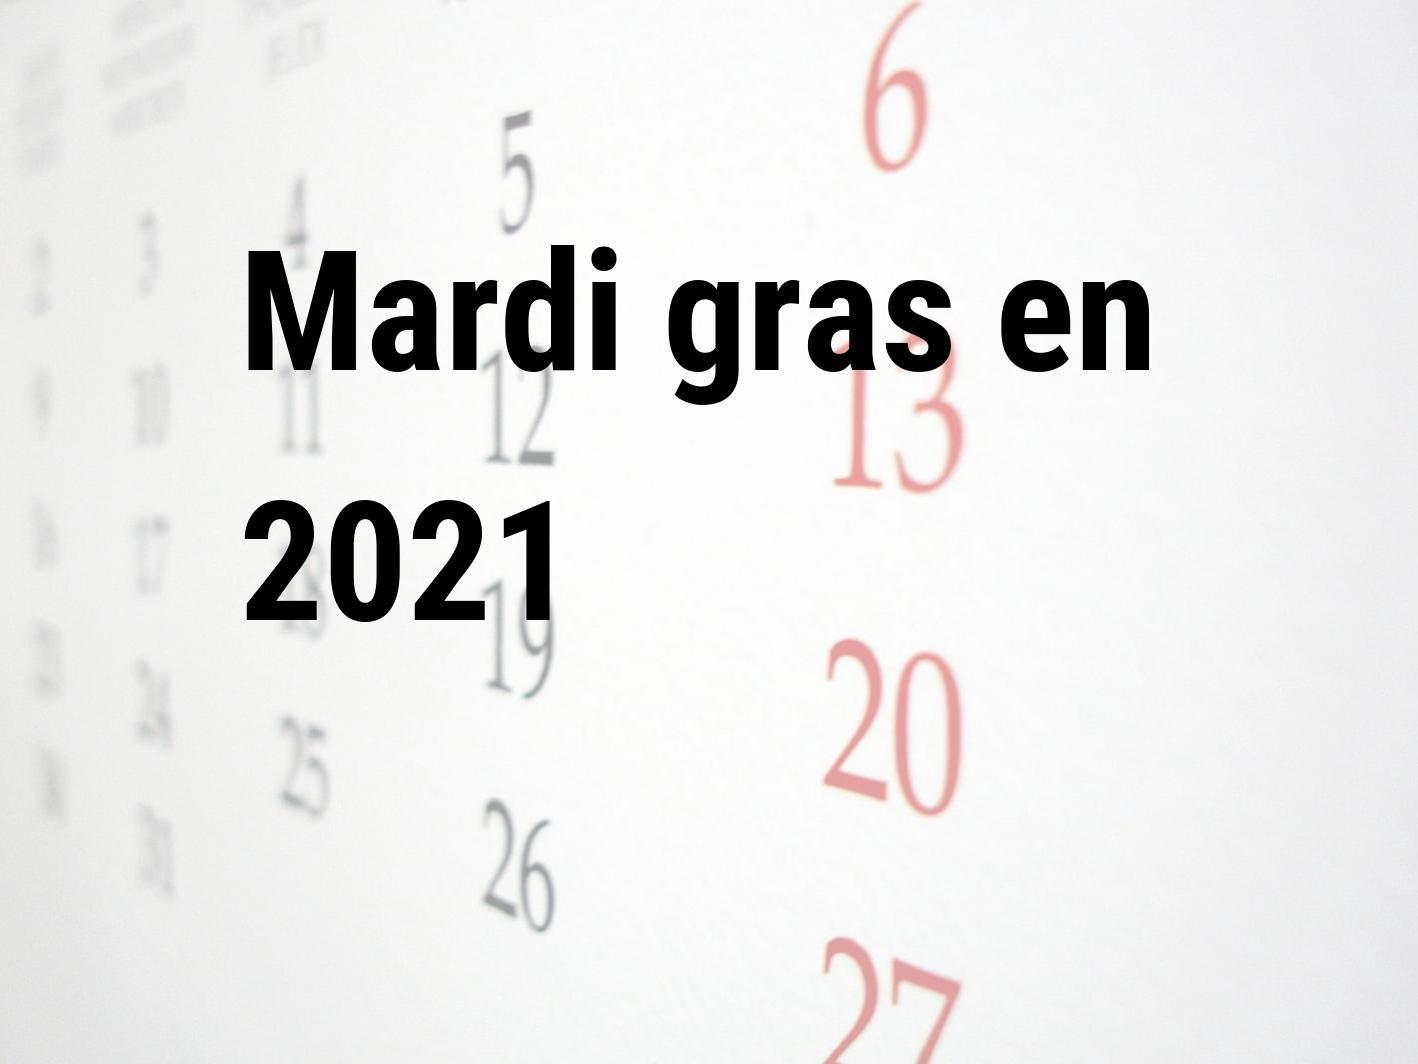 Mardi gras 2021. Quand est le Mardi gras en 2021 | Calendar Center